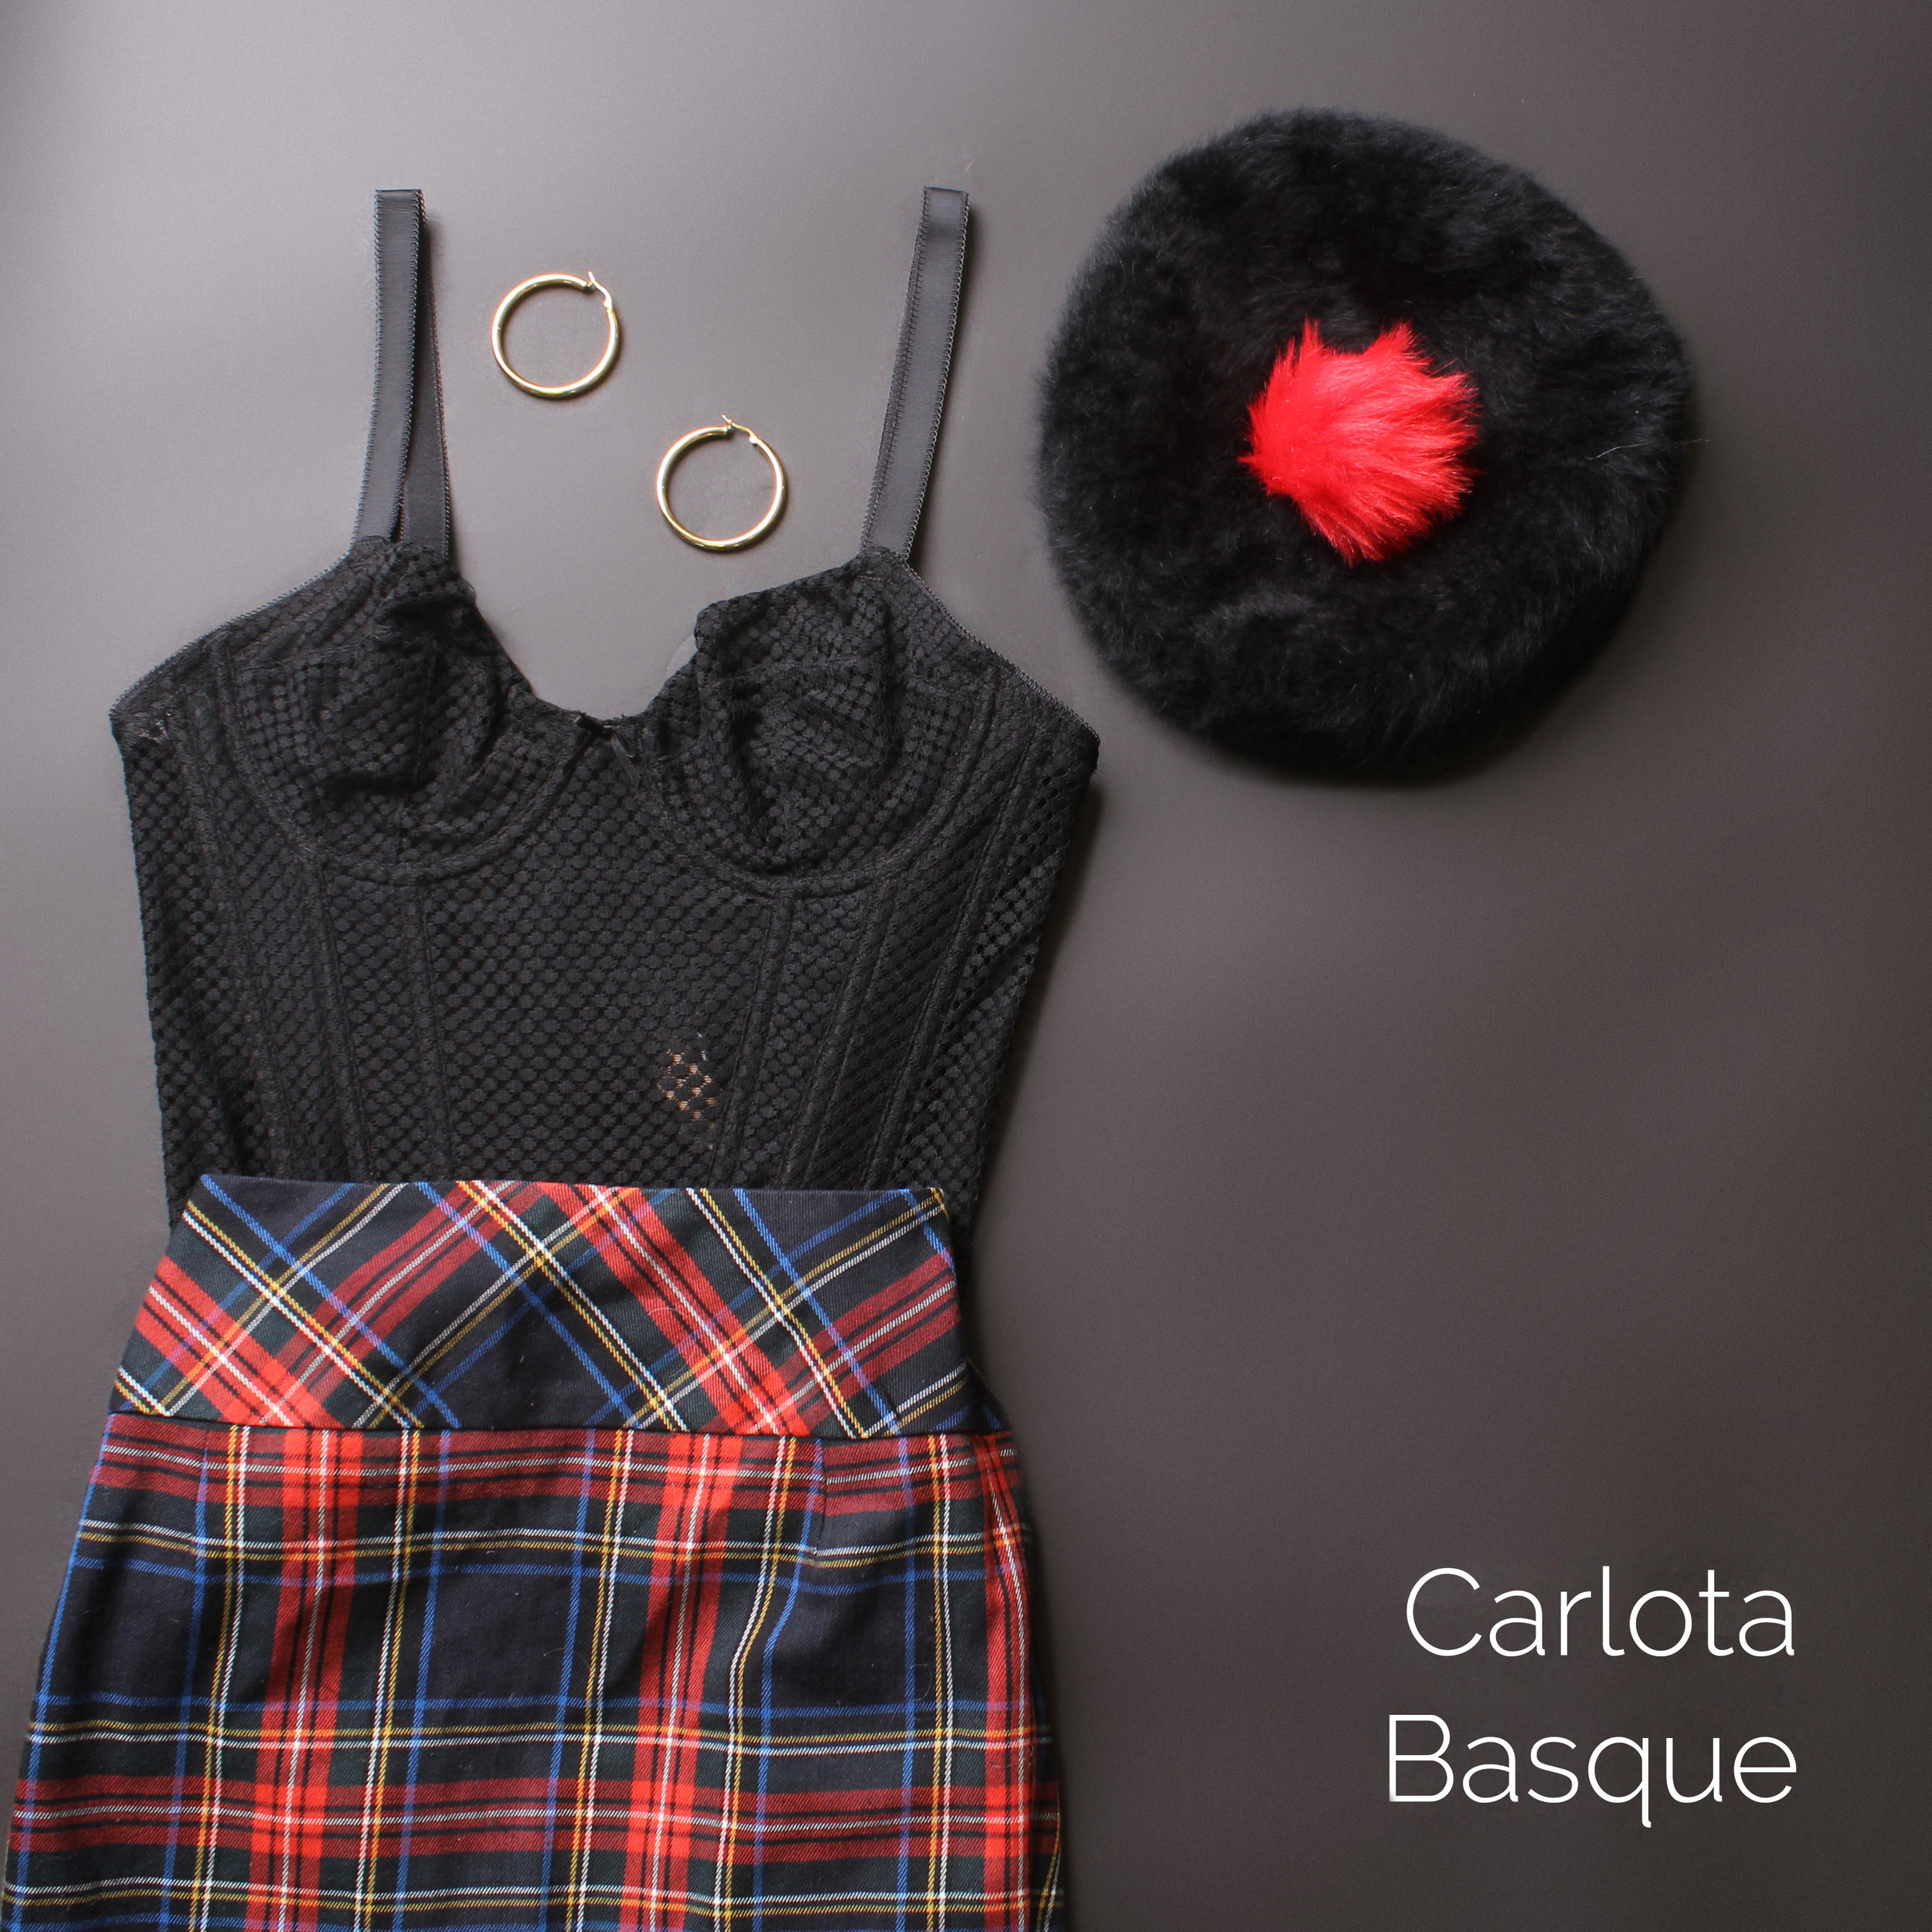 Carlota Basquw.jpg